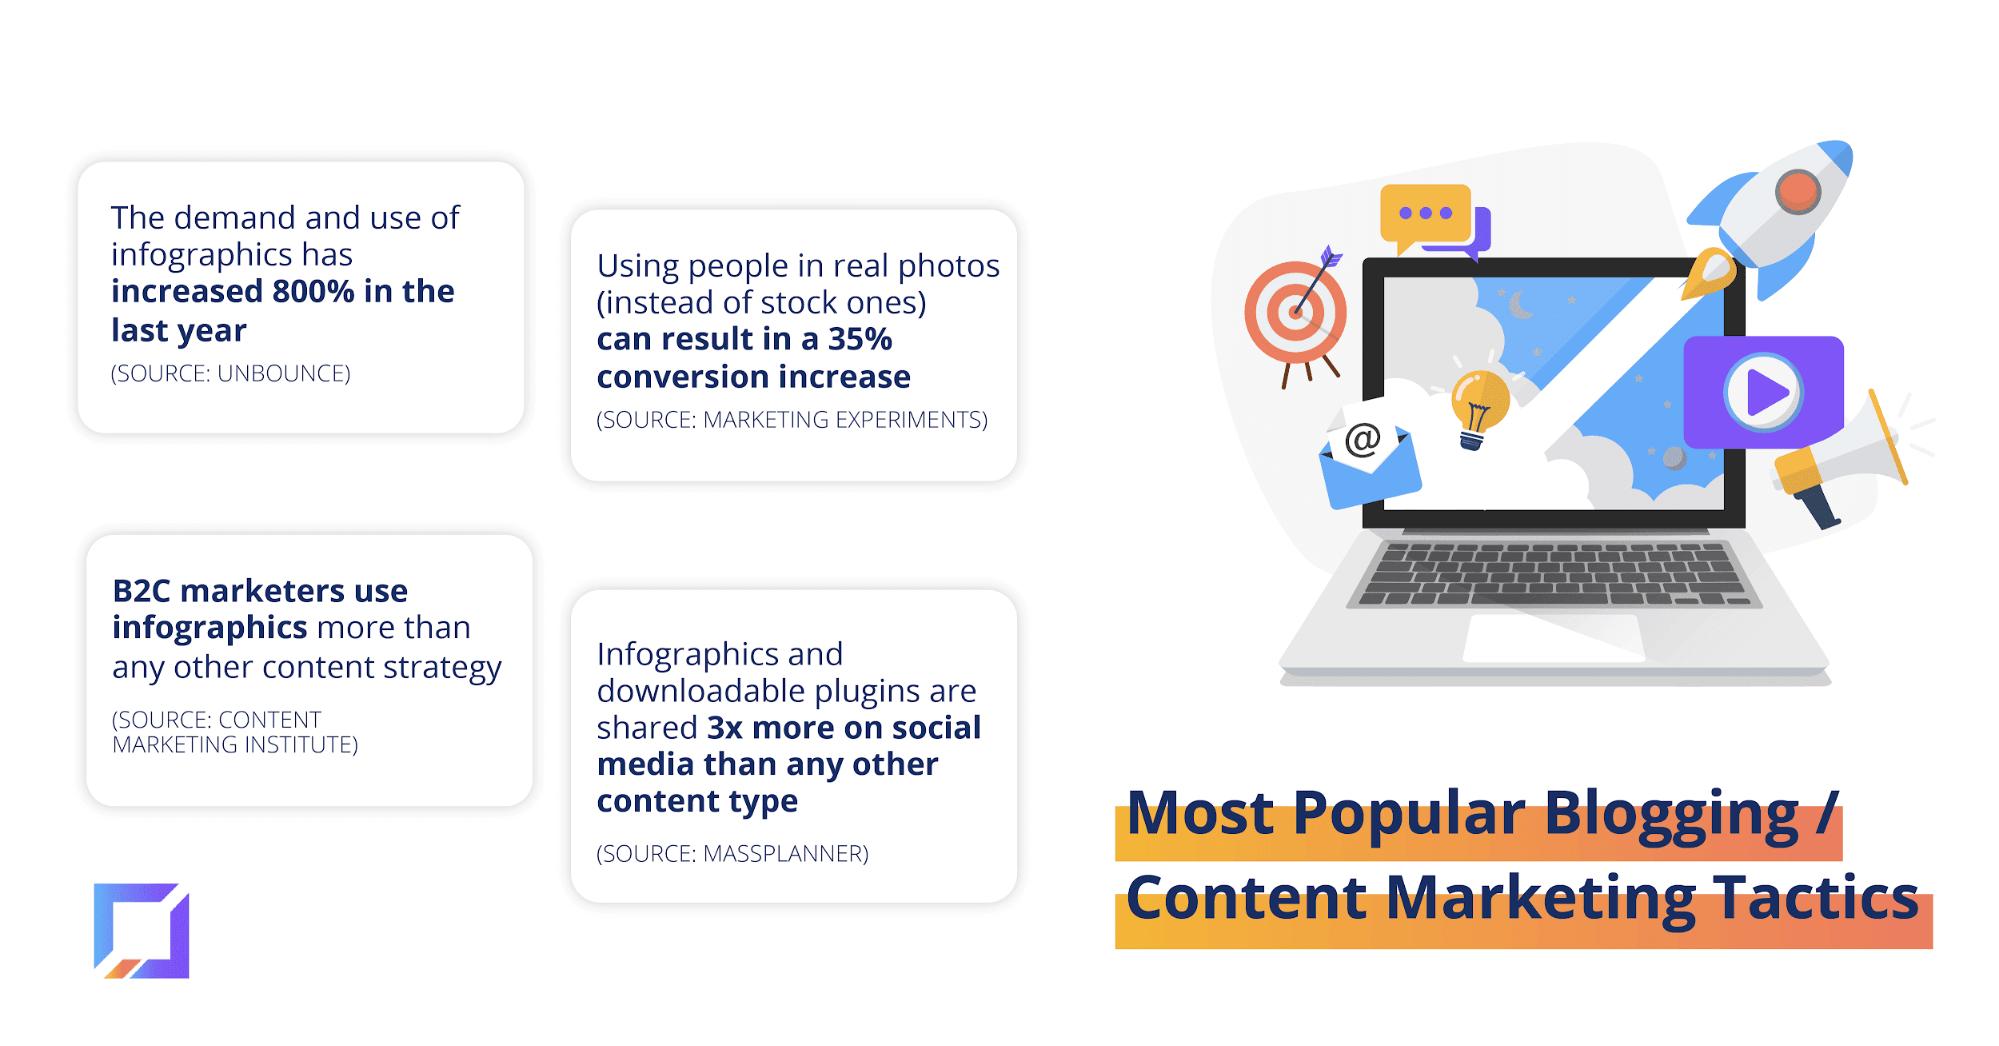 Most popular blogging and content marketing tactics